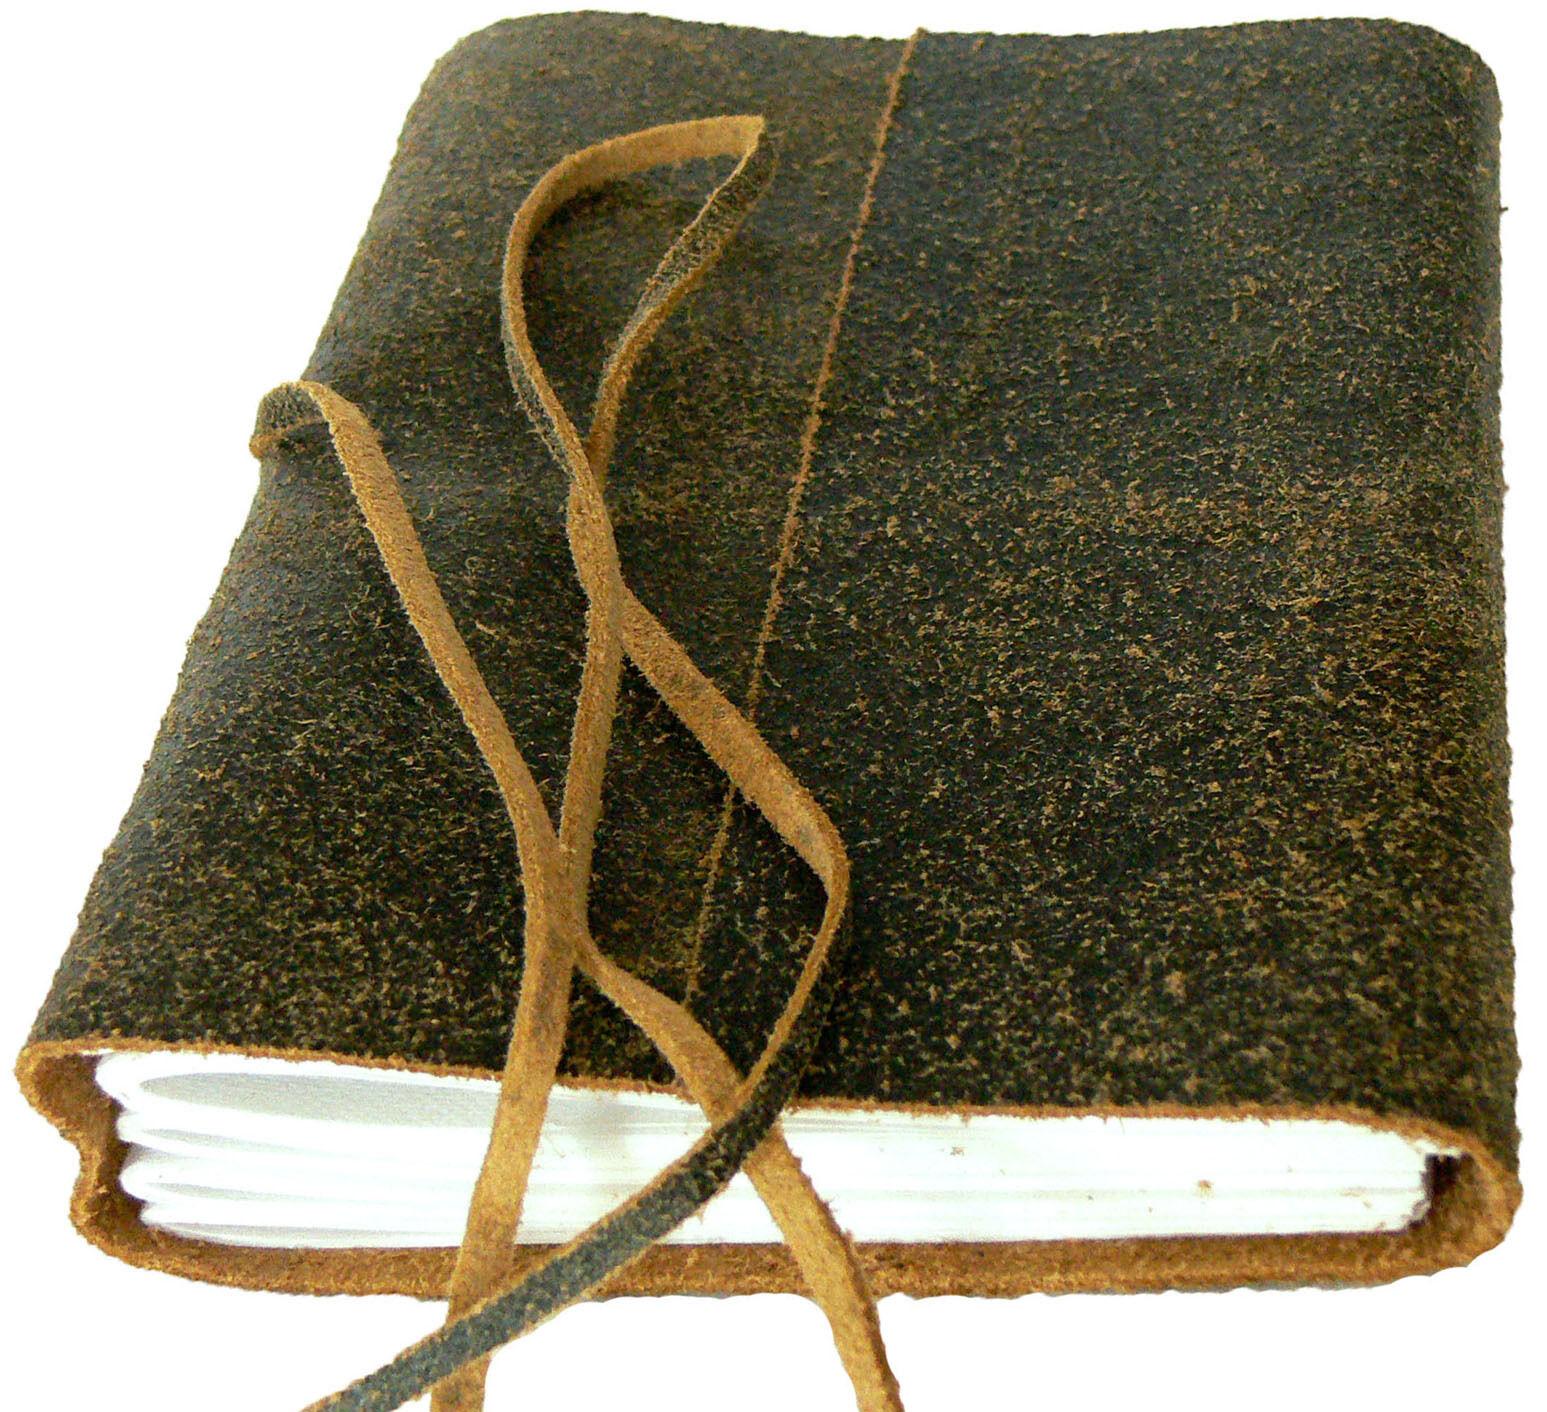 LUZERN Notizbuch Lederbuch Tagebuch Reisetagebuch Leder Kladde Geschenk schwarz | Moderne und elegante Mode  | Neuartiges Design